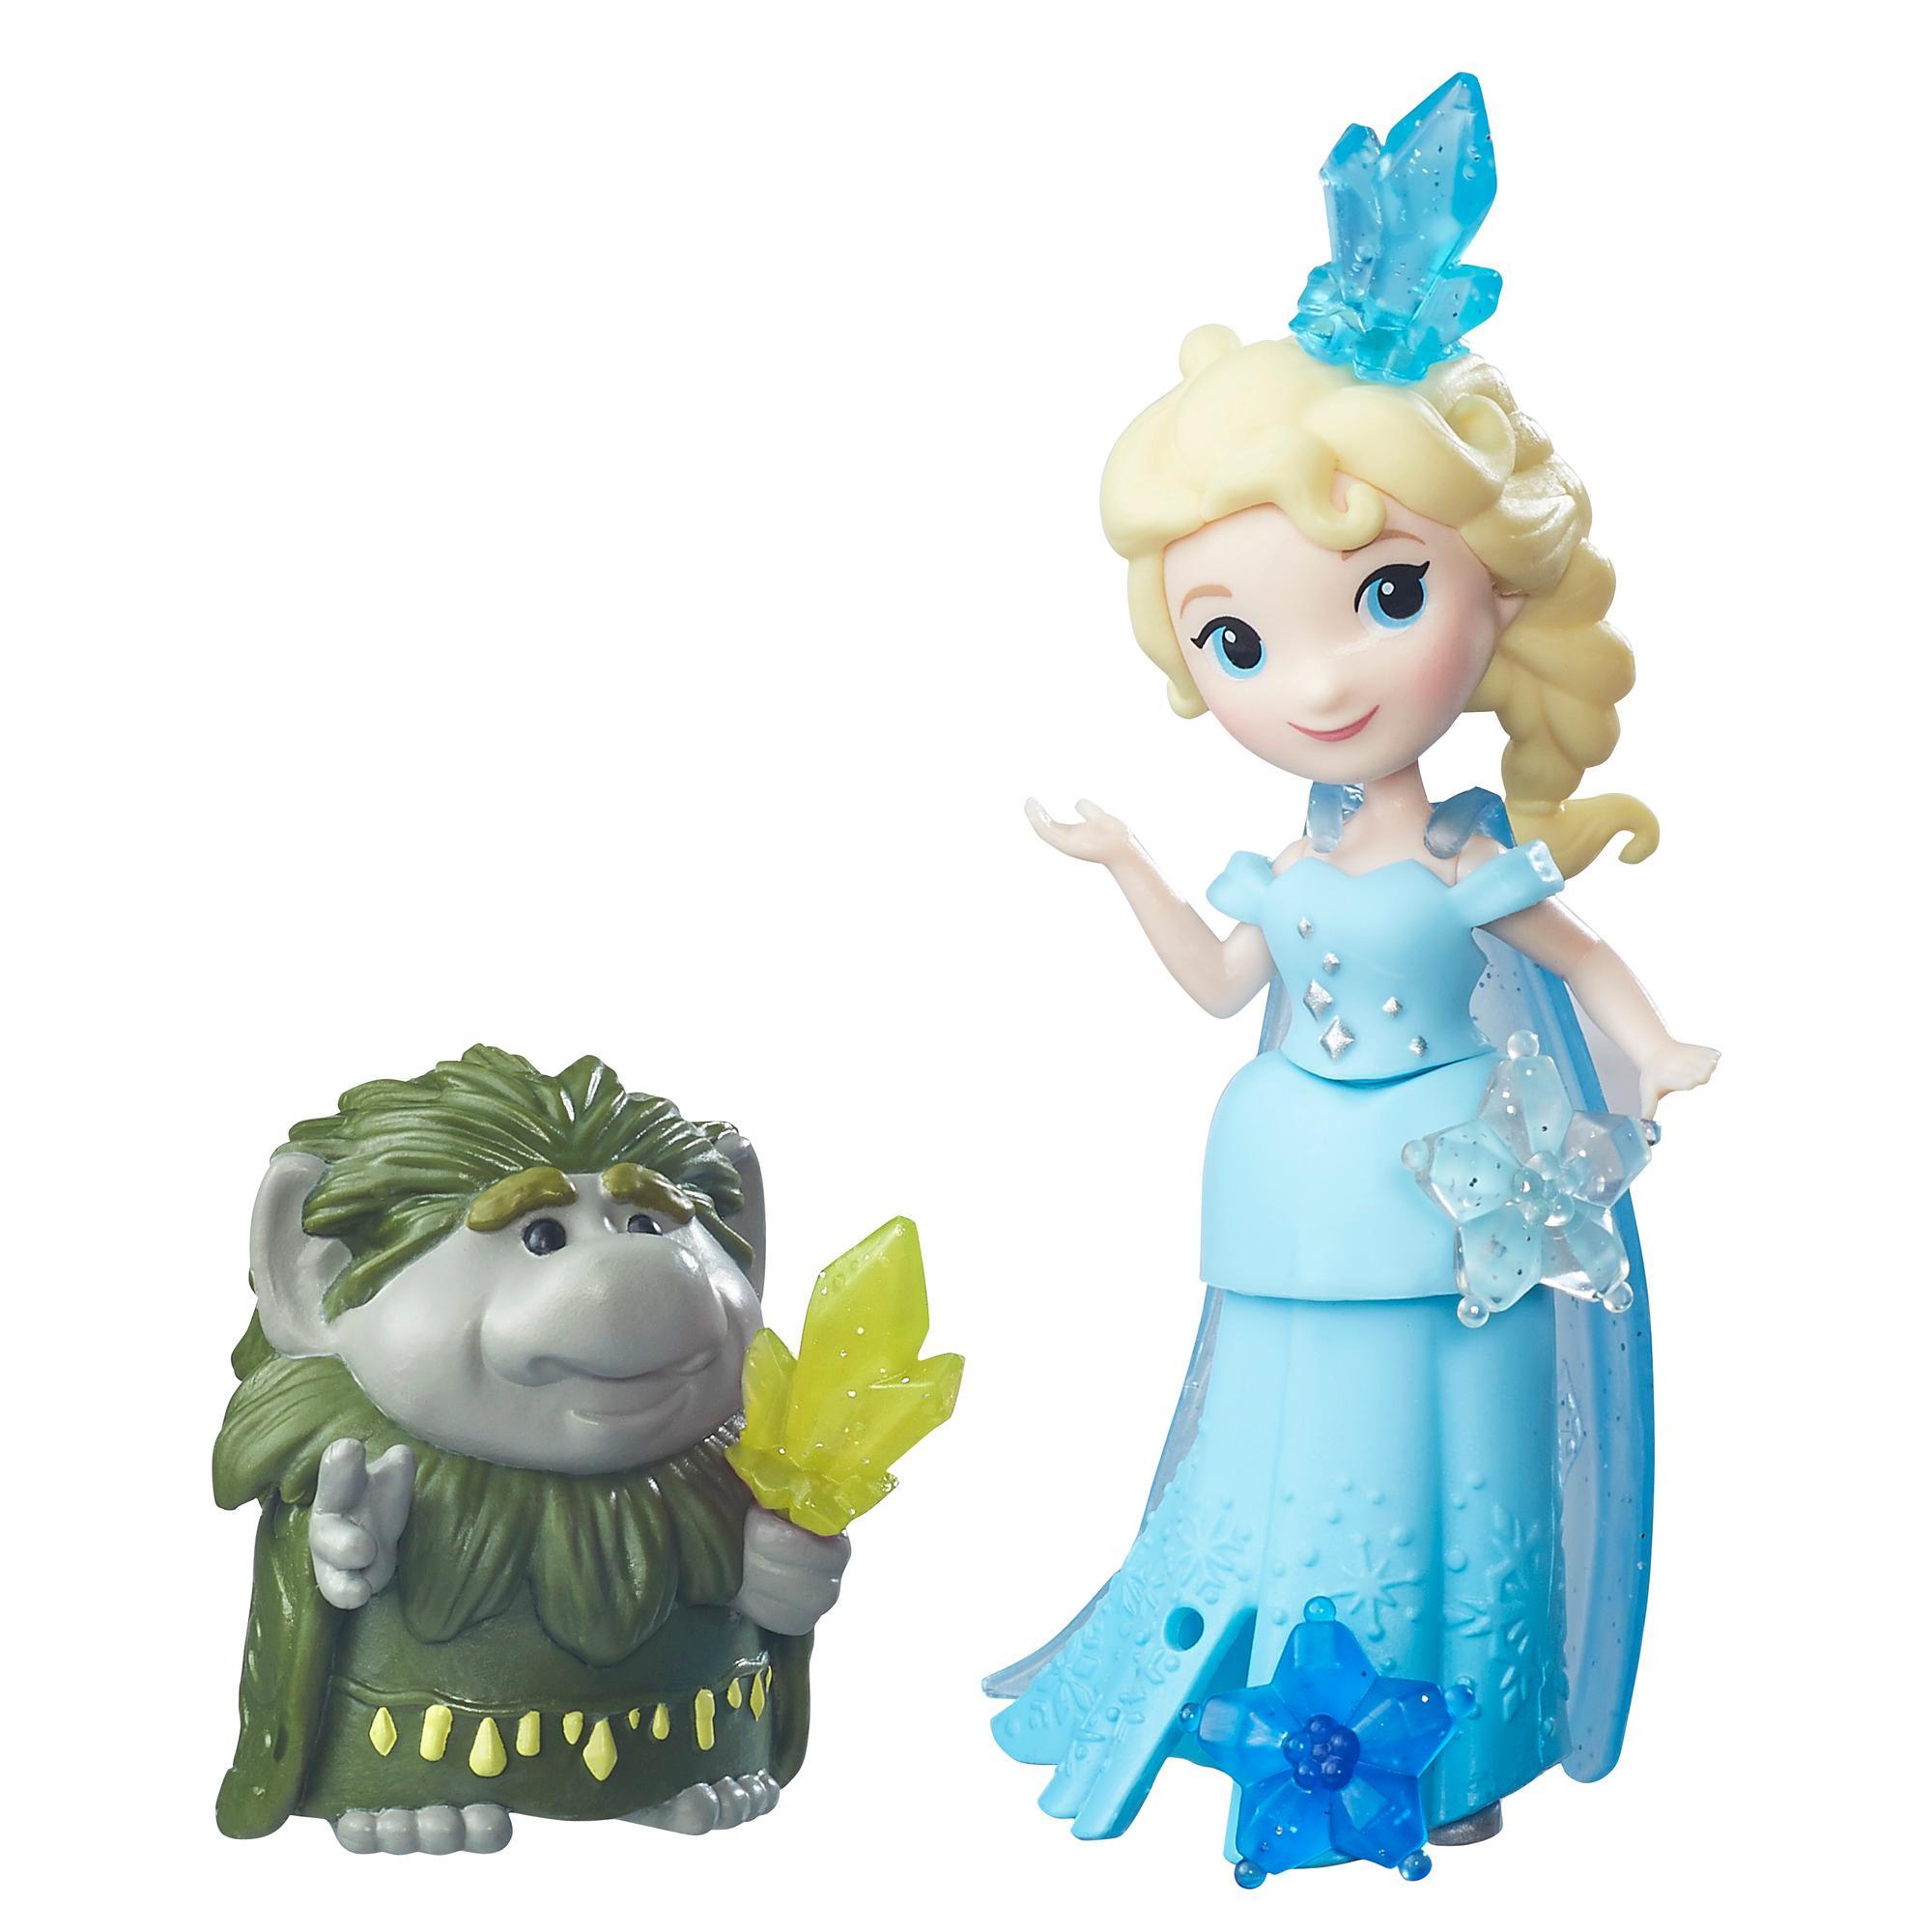 figurine disney frozen - elsa si liderul trolilor marele pabbie, 7.5 cm